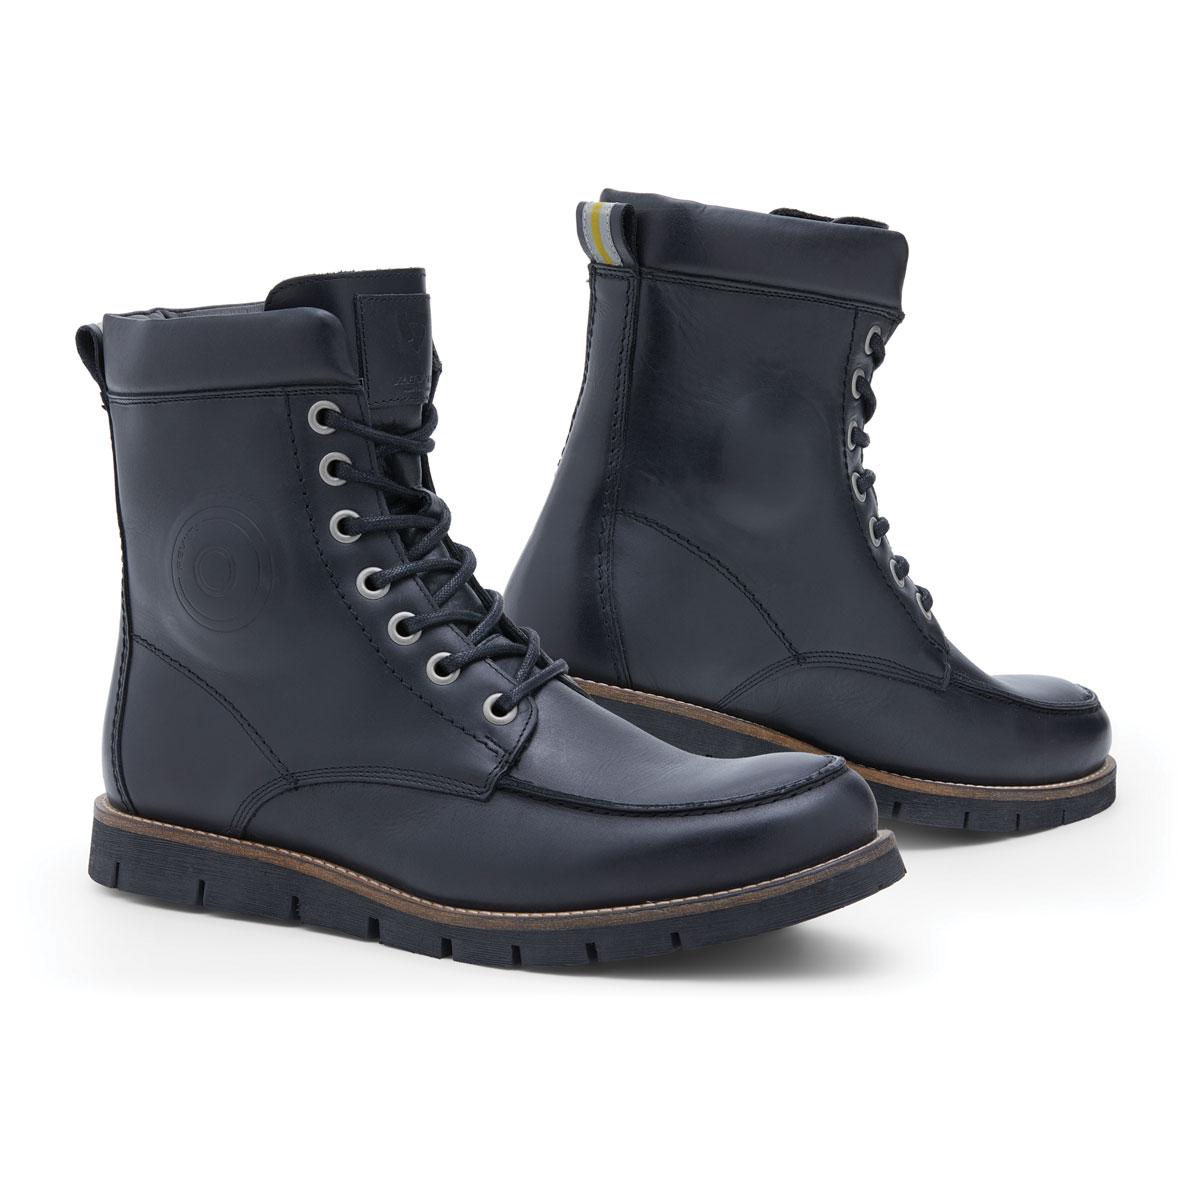 REV'IT! Men's Mohawk 2 Black Boots